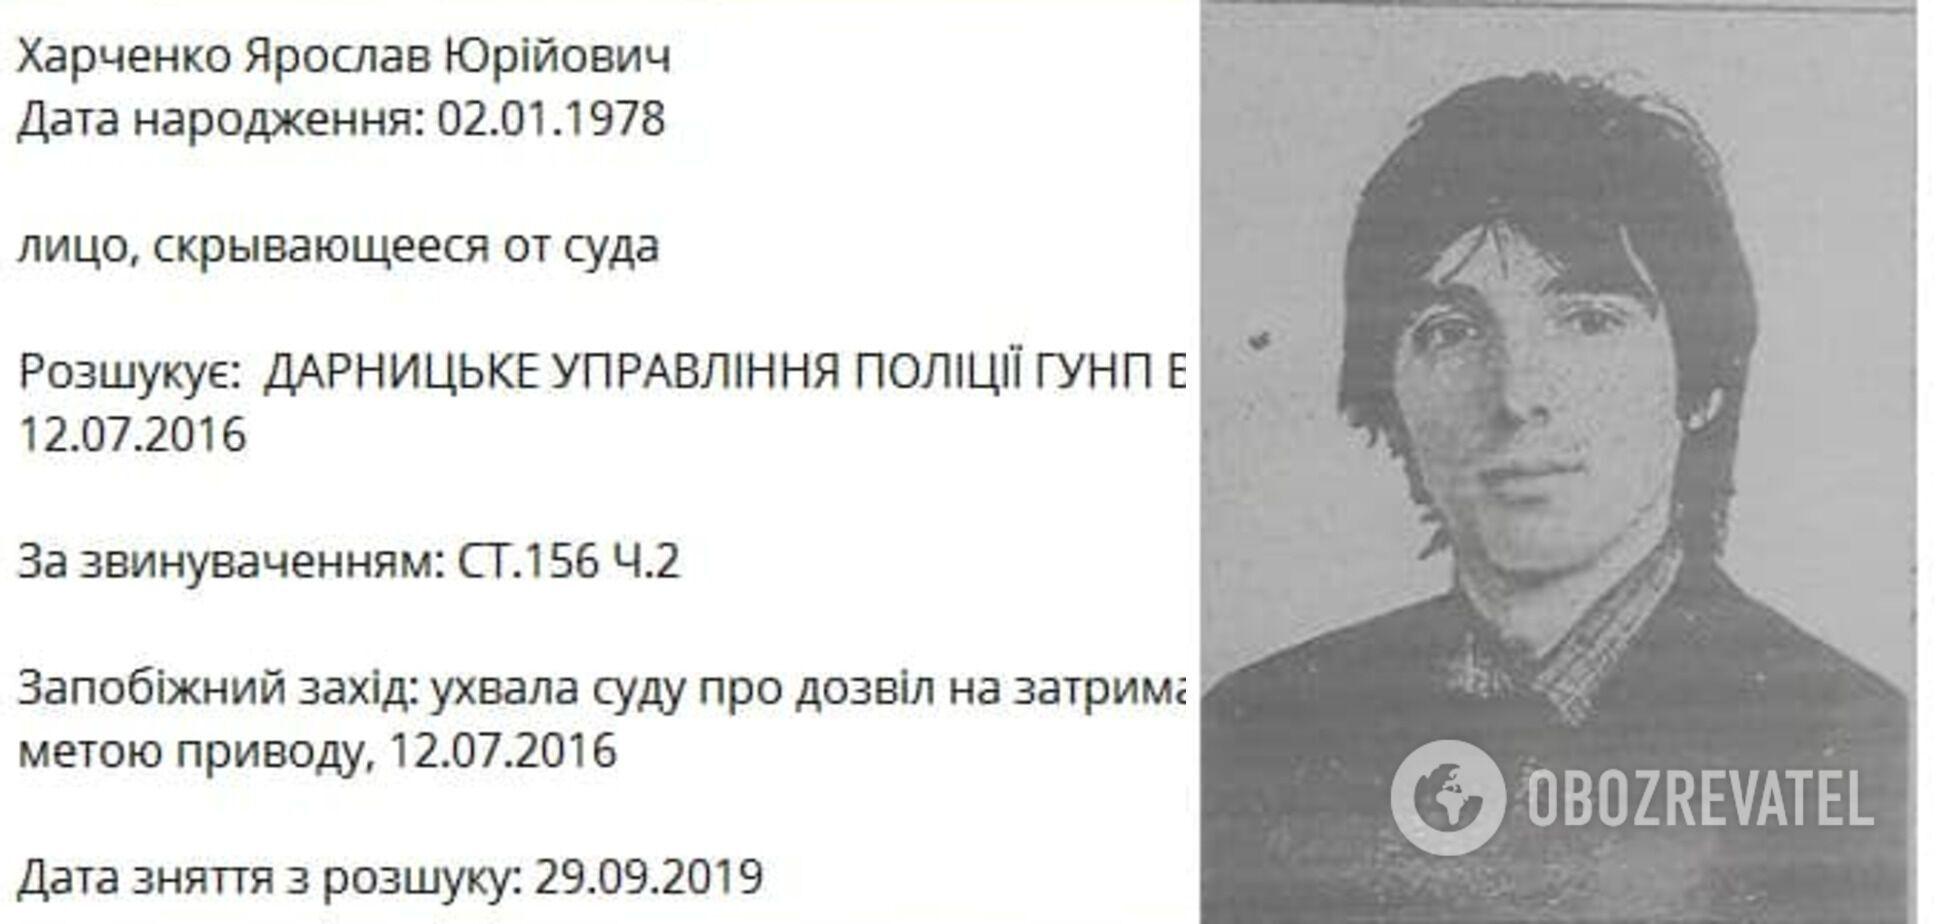 Ярослав Харченко (на той момент підозрюваний у розбещенні хлопчика) був у розшуку більше ніж три роки.